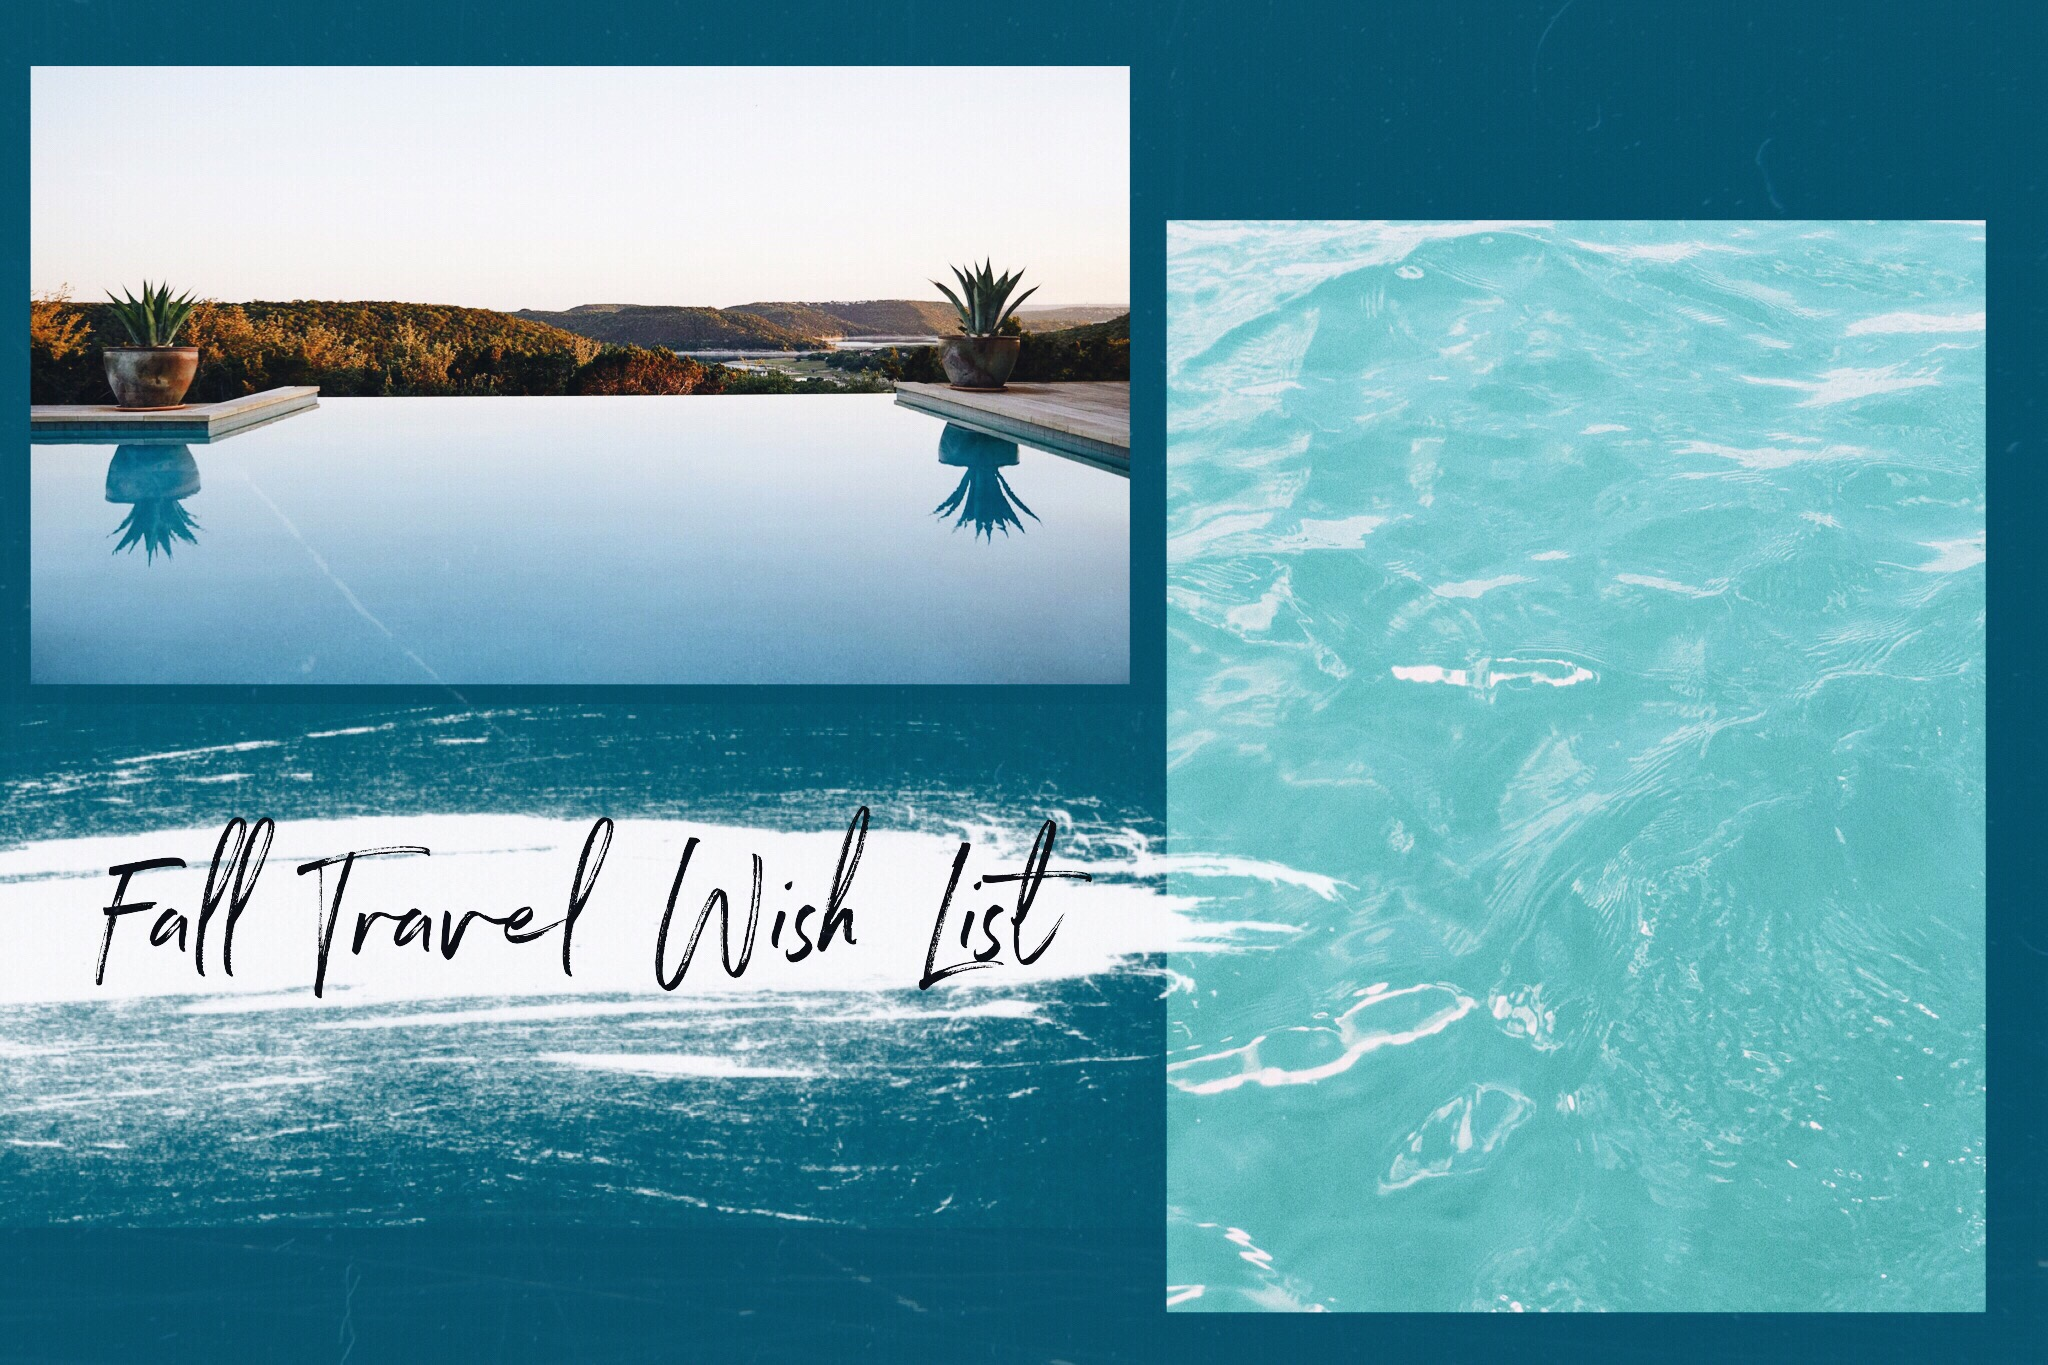 nastia_liukin_fall_travel